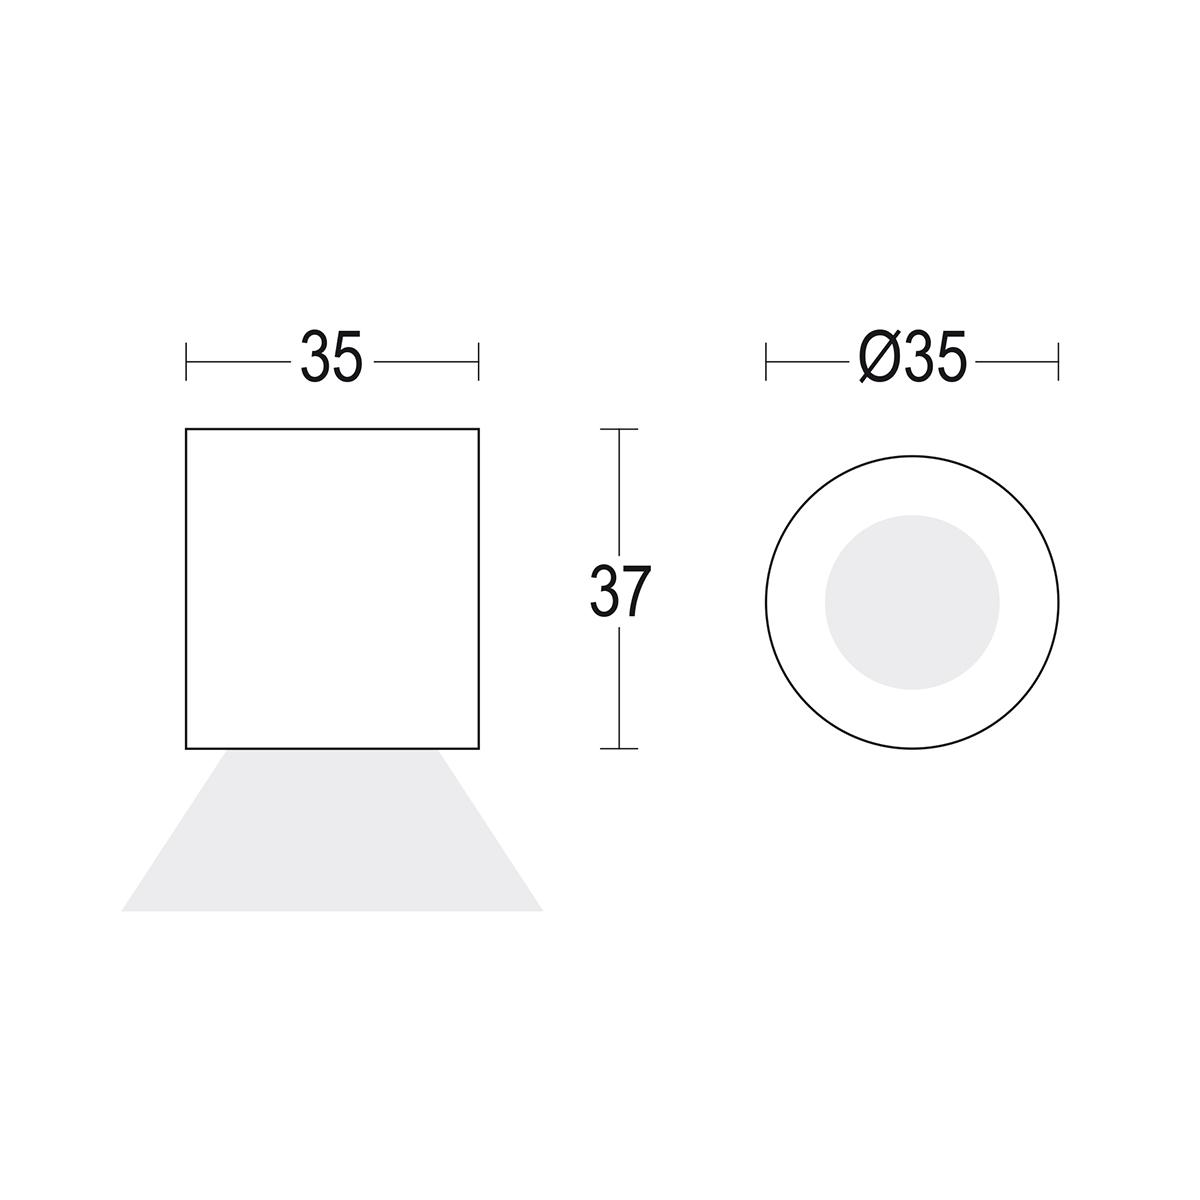 чертеж Punto 35 Ghidini уличный светильник GH1431.BAMT300EC